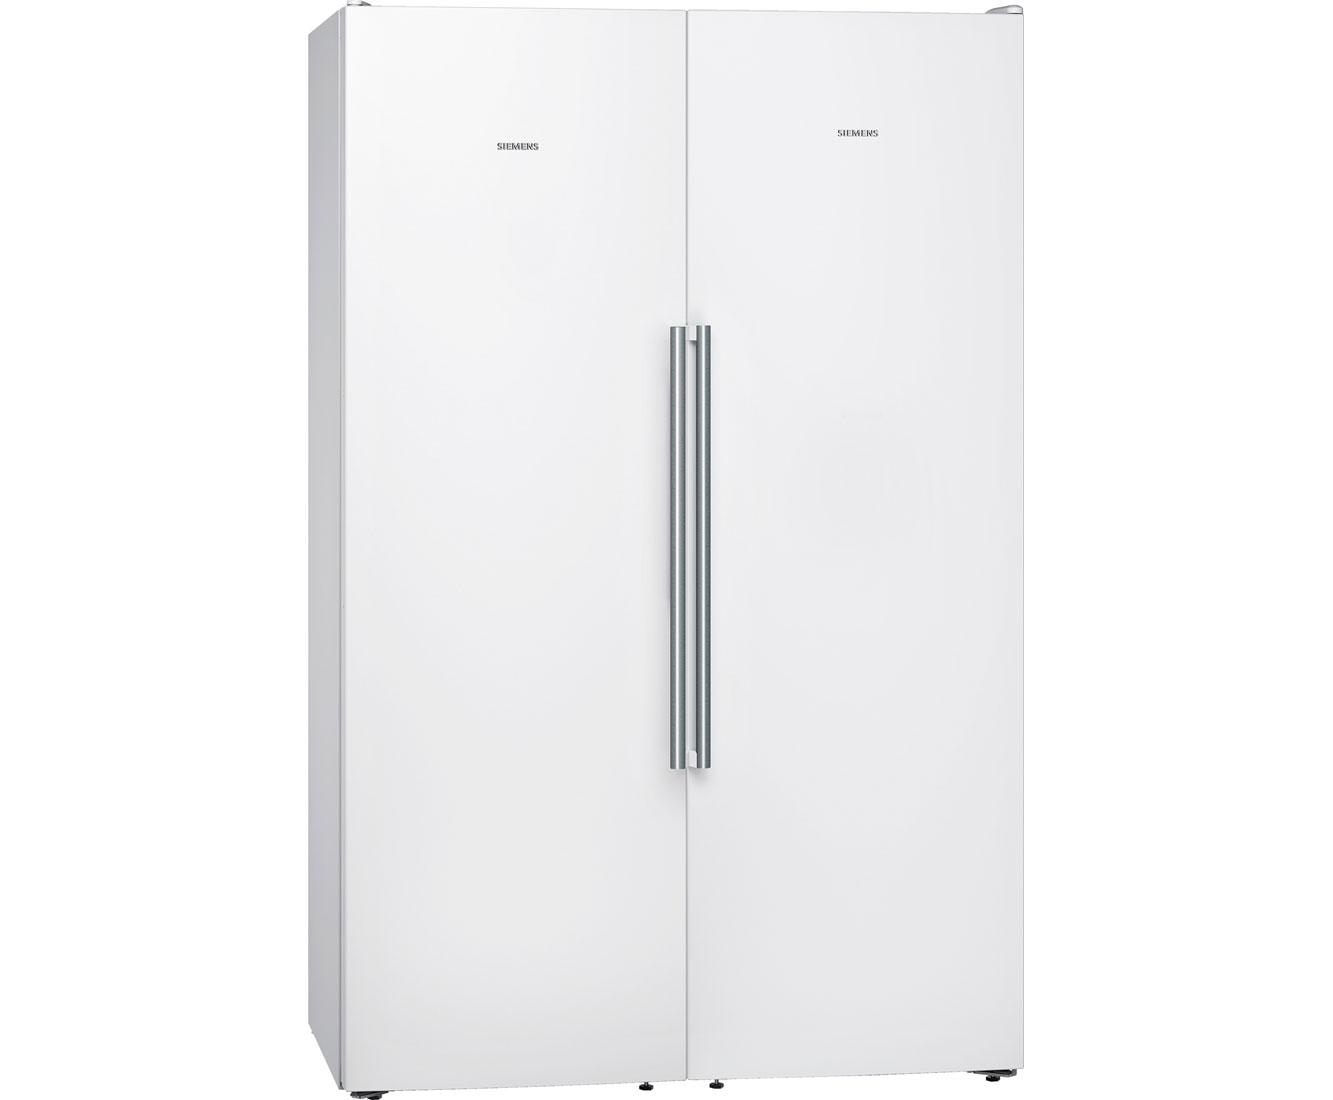 Side By Side Kühlschrank Breite 90 Cm : Kühlschrank side by side preisvergleich u die besten angebote